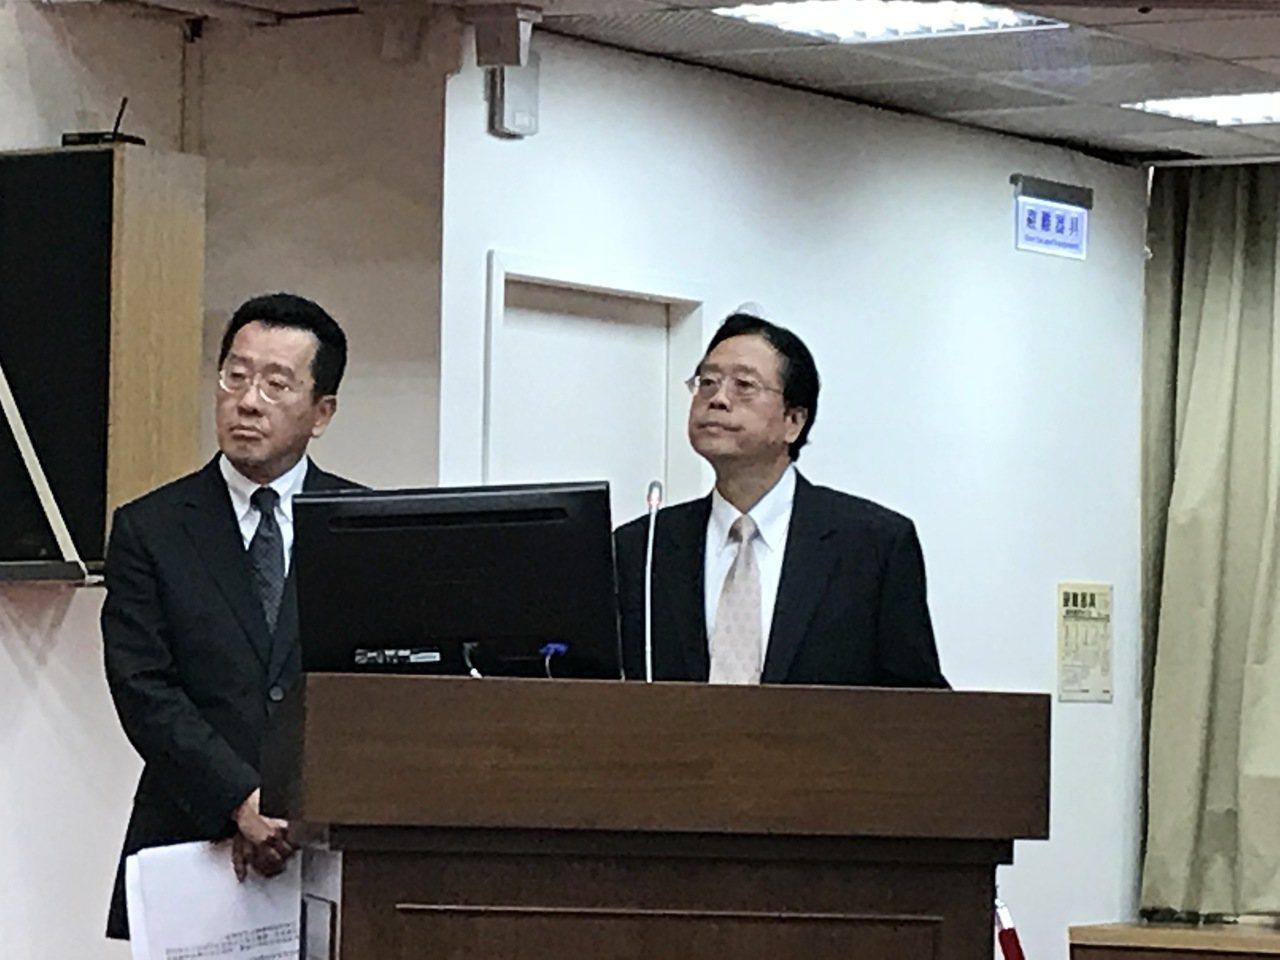 合庫金控暨銀行董事長雷仲達(右)。記者陳怡慈/攝影